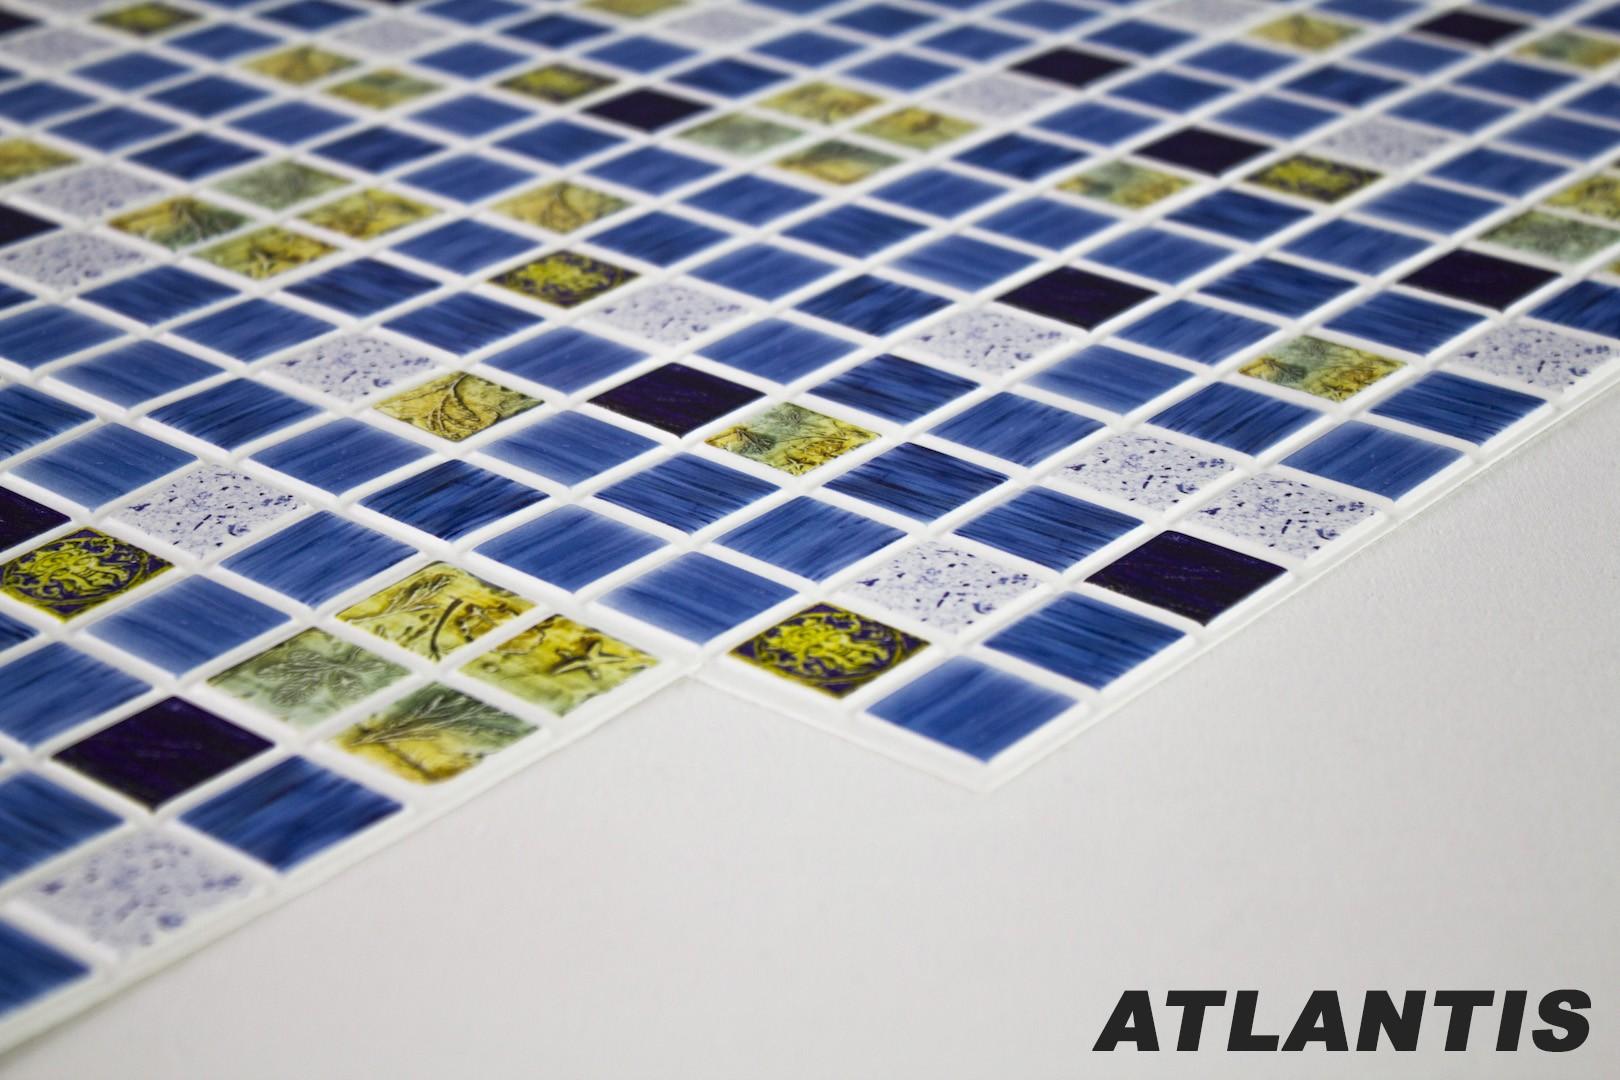 1 PVC Dekorplatte Mosaic Wandverkleidung Platten Wand Innen 95x48cm,  ATLANTIS